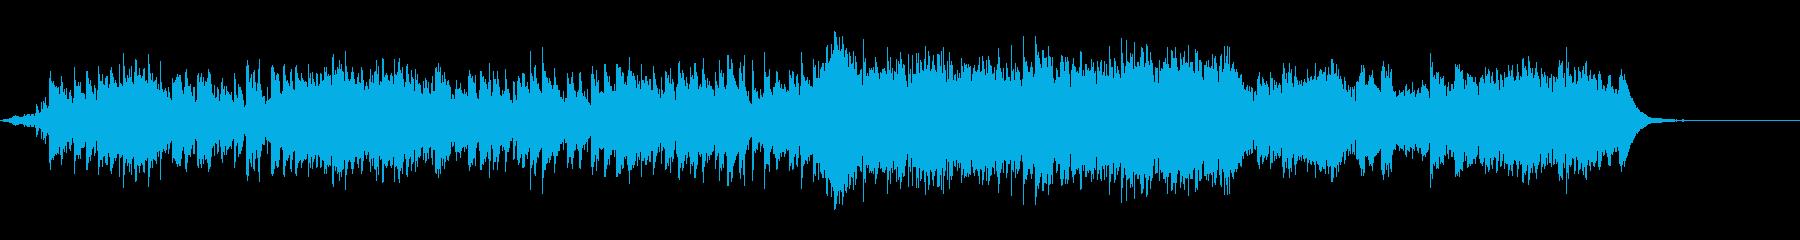 心機一転をイメージした明るく爽やかな曲の再生済みの波形